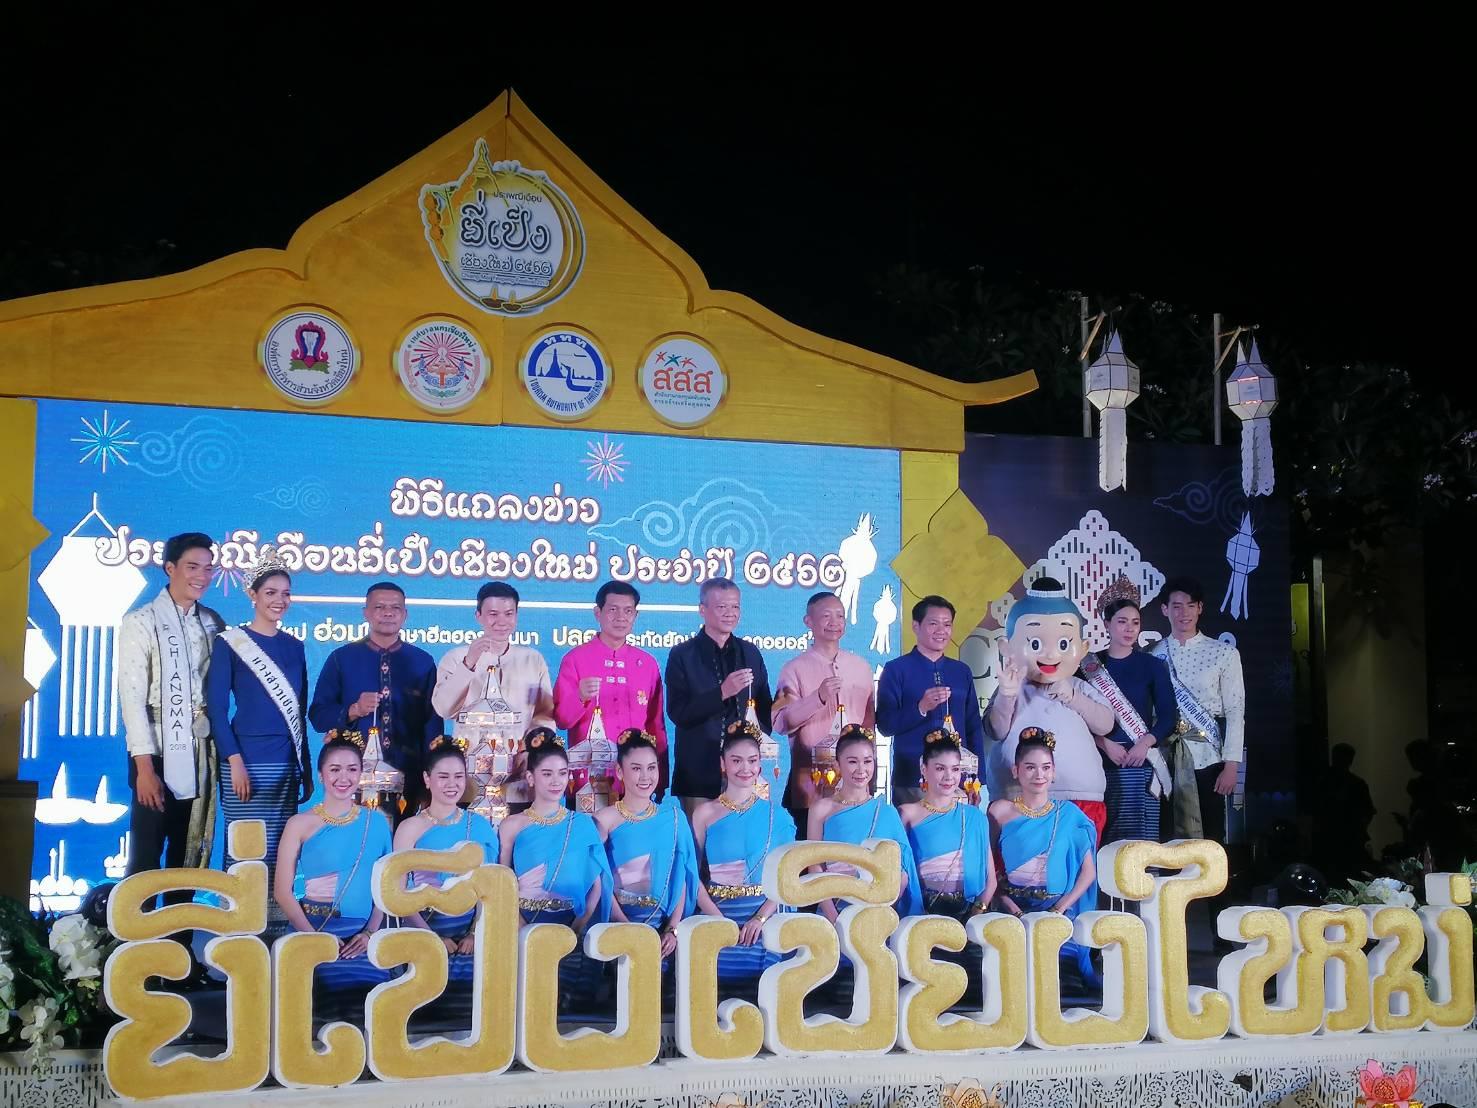 เชียงใหม่ประกาศจัดงาน ยี่เป็ง(ลอยกระทง)ปี 62  thaihealth